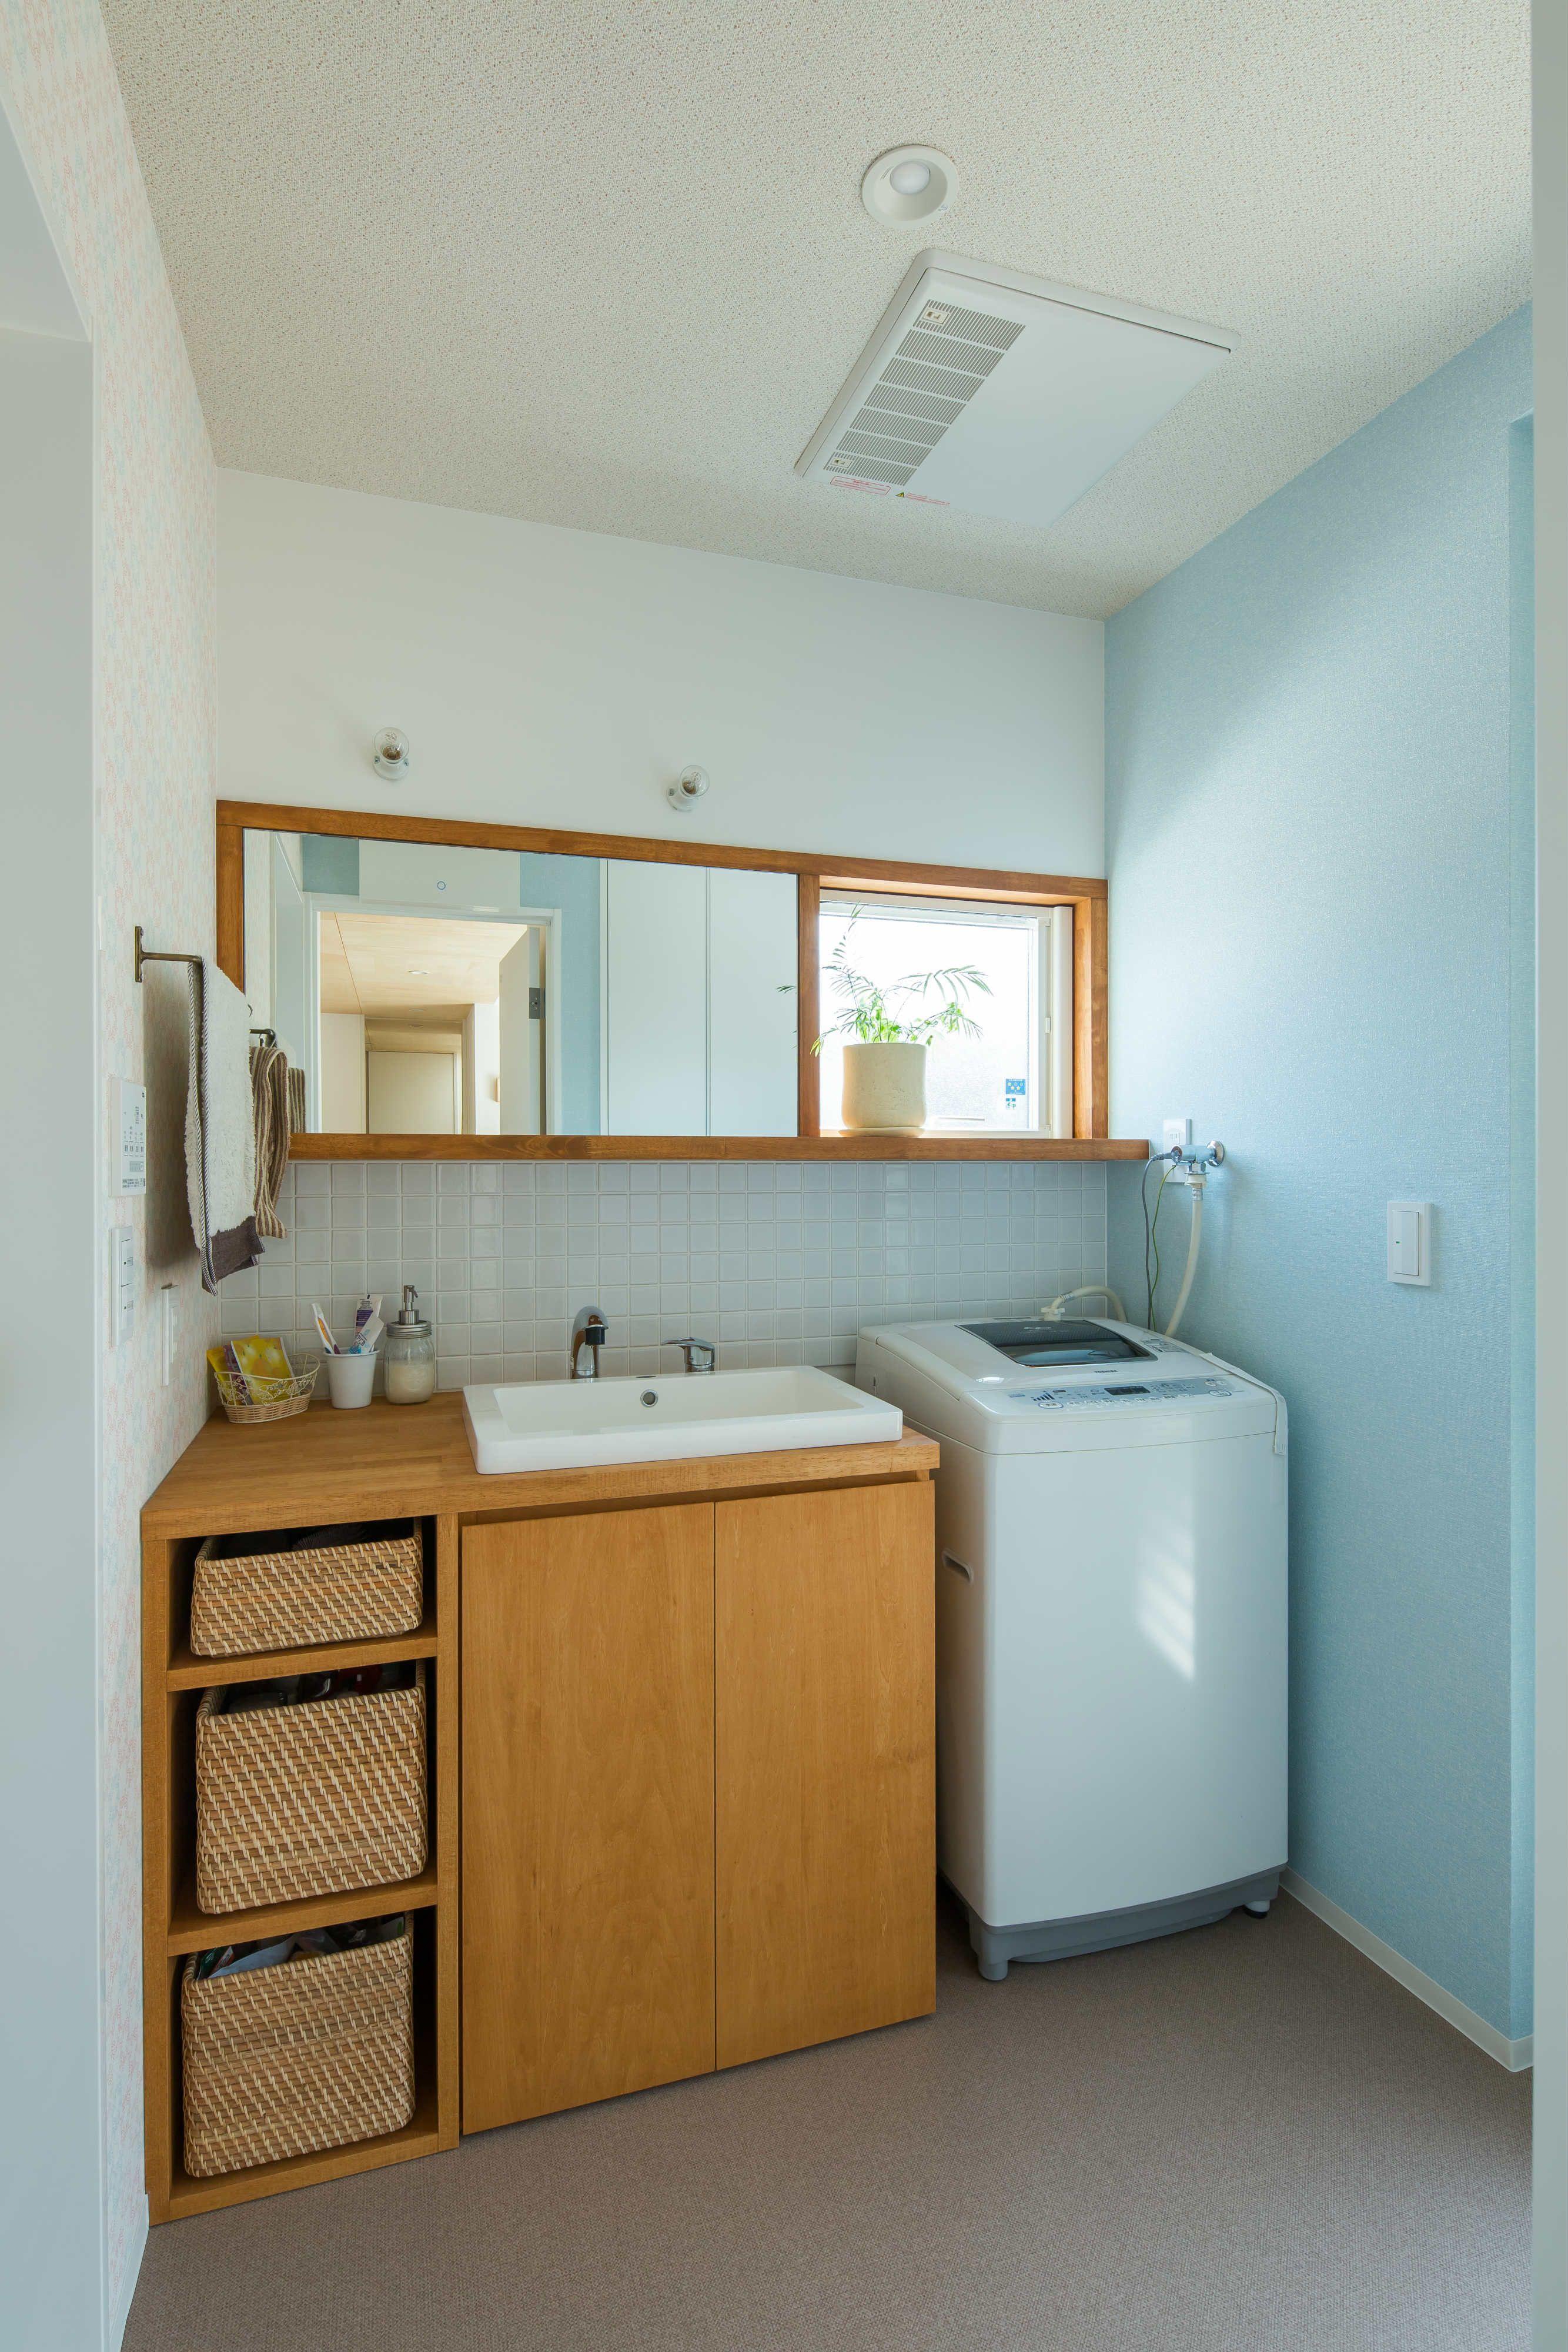 ミラー枠と窓枠を兼用することで 一体感を生みだす造作洗面台 裸電球